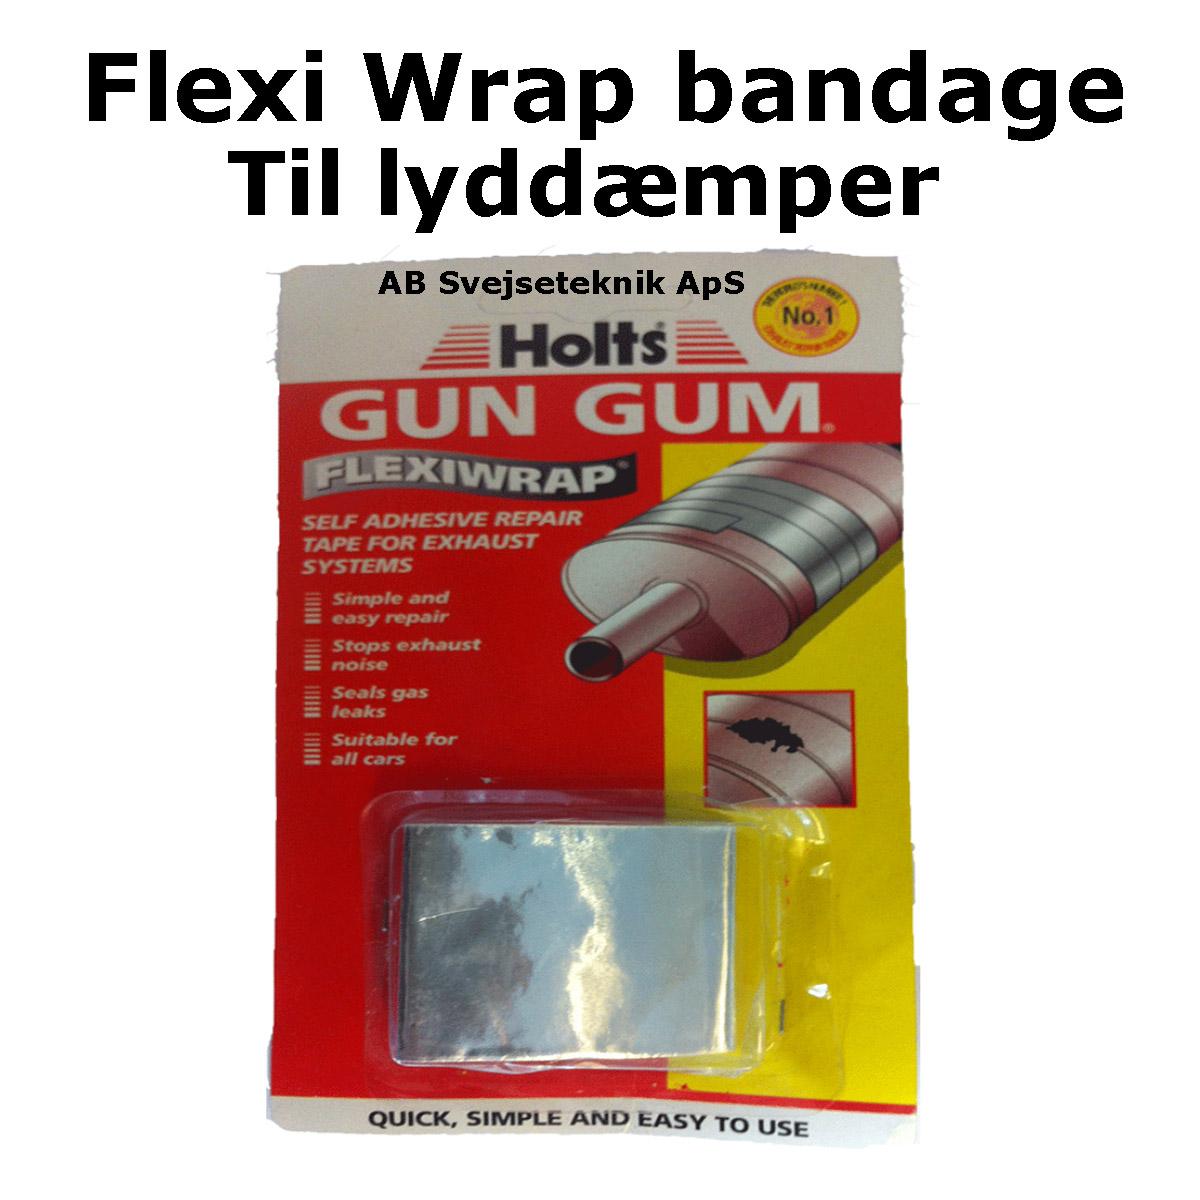 Flexi wrap bandage